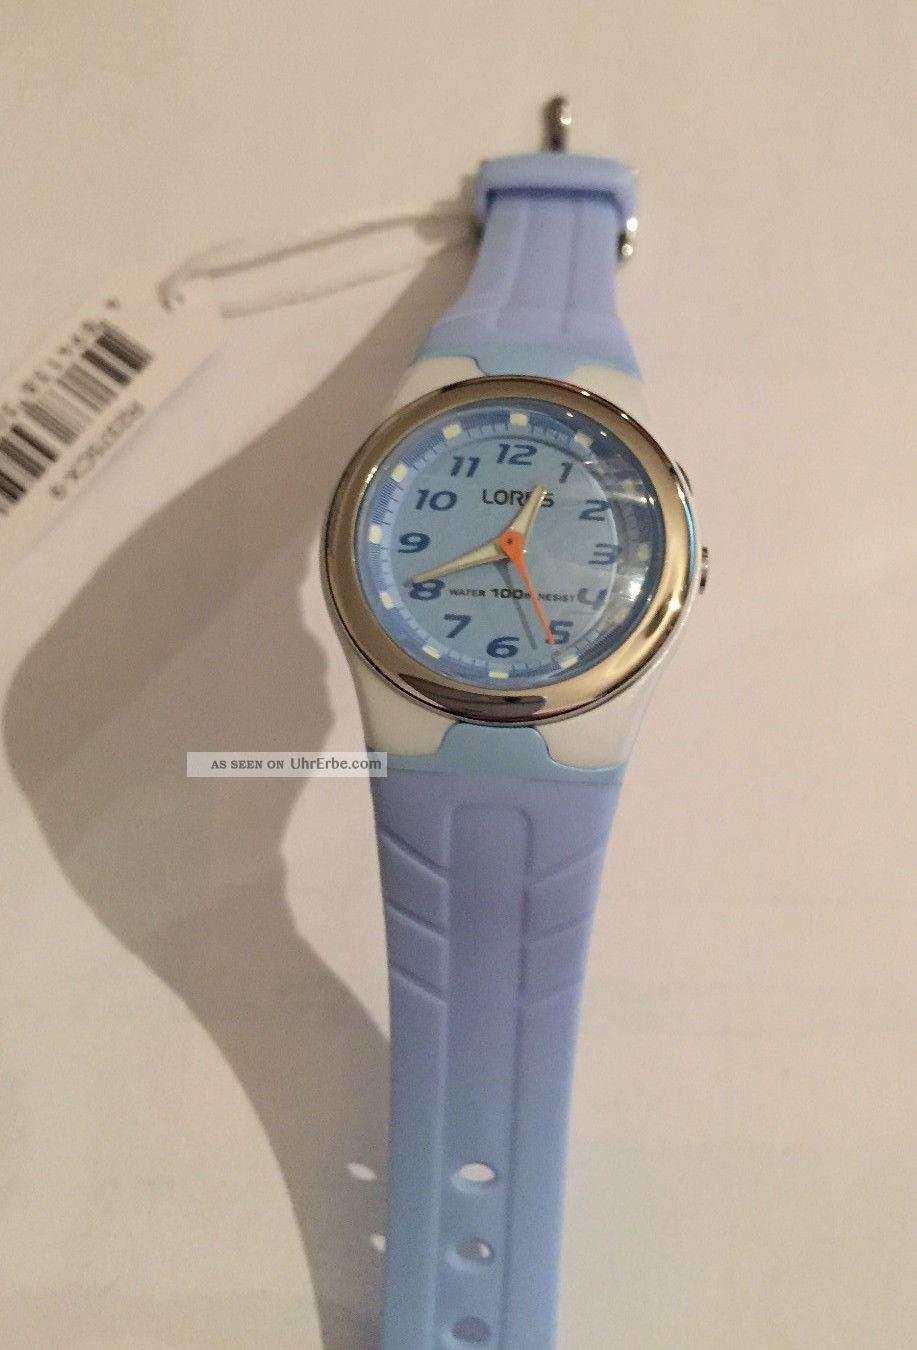 Kinderuhr Lorus R2375cx - 9 Grau / Hellblau Kunstoffband Armbanduhren Bild